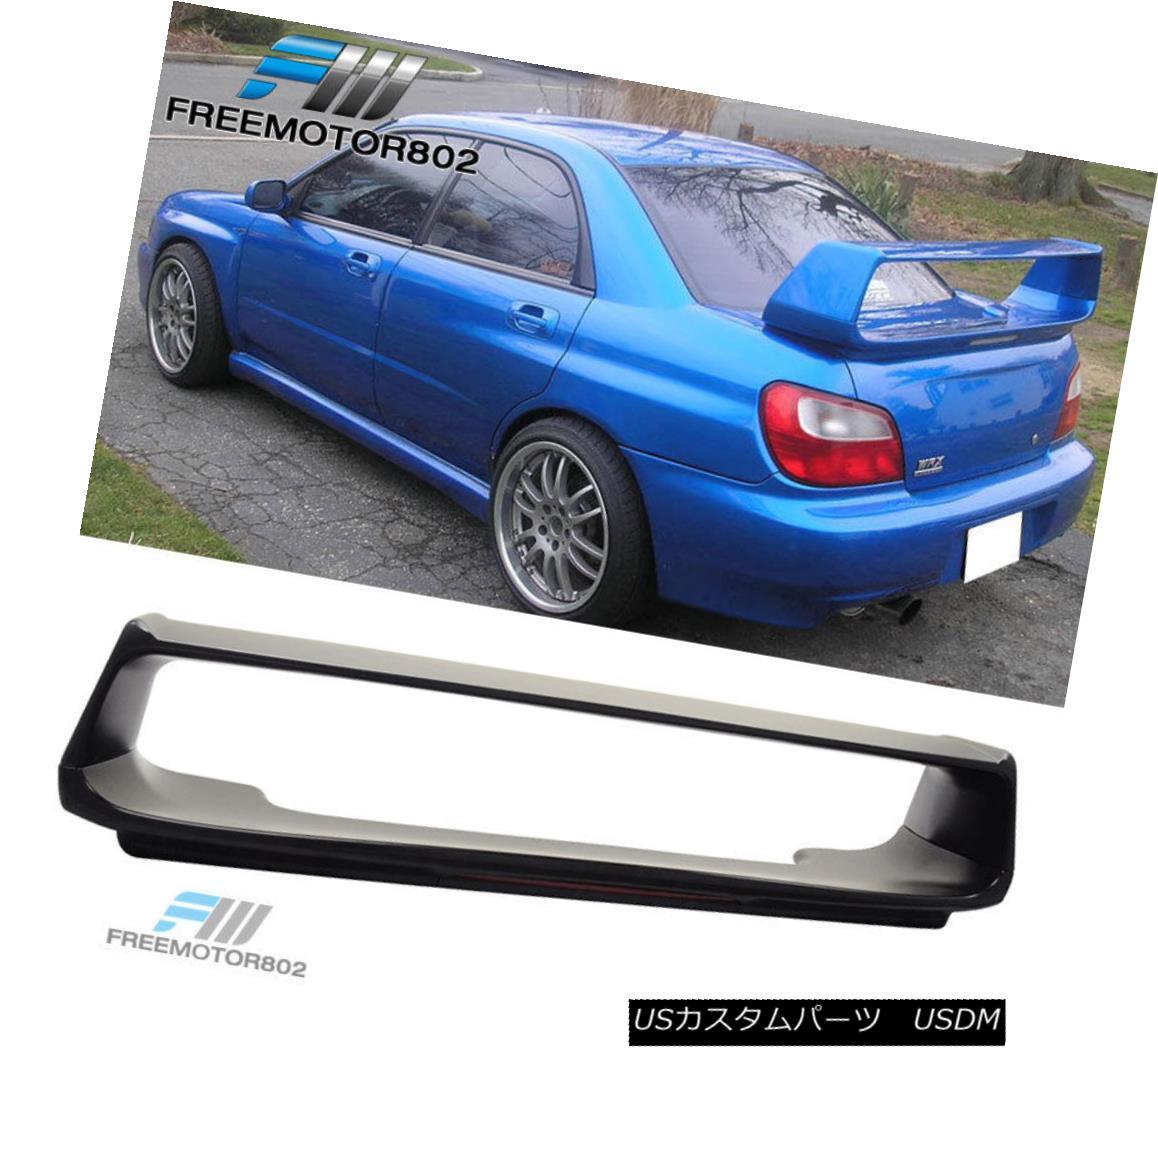 エアロパーツ Fit For 02-07 Subaru Impreza WRX STI ABS Trunk Spoiler Wing With 3RD Brake Light 02-07スバルインプレッサWRX STI ABSトランク・スポイラー・ウイング(3RDブレーキライト付)